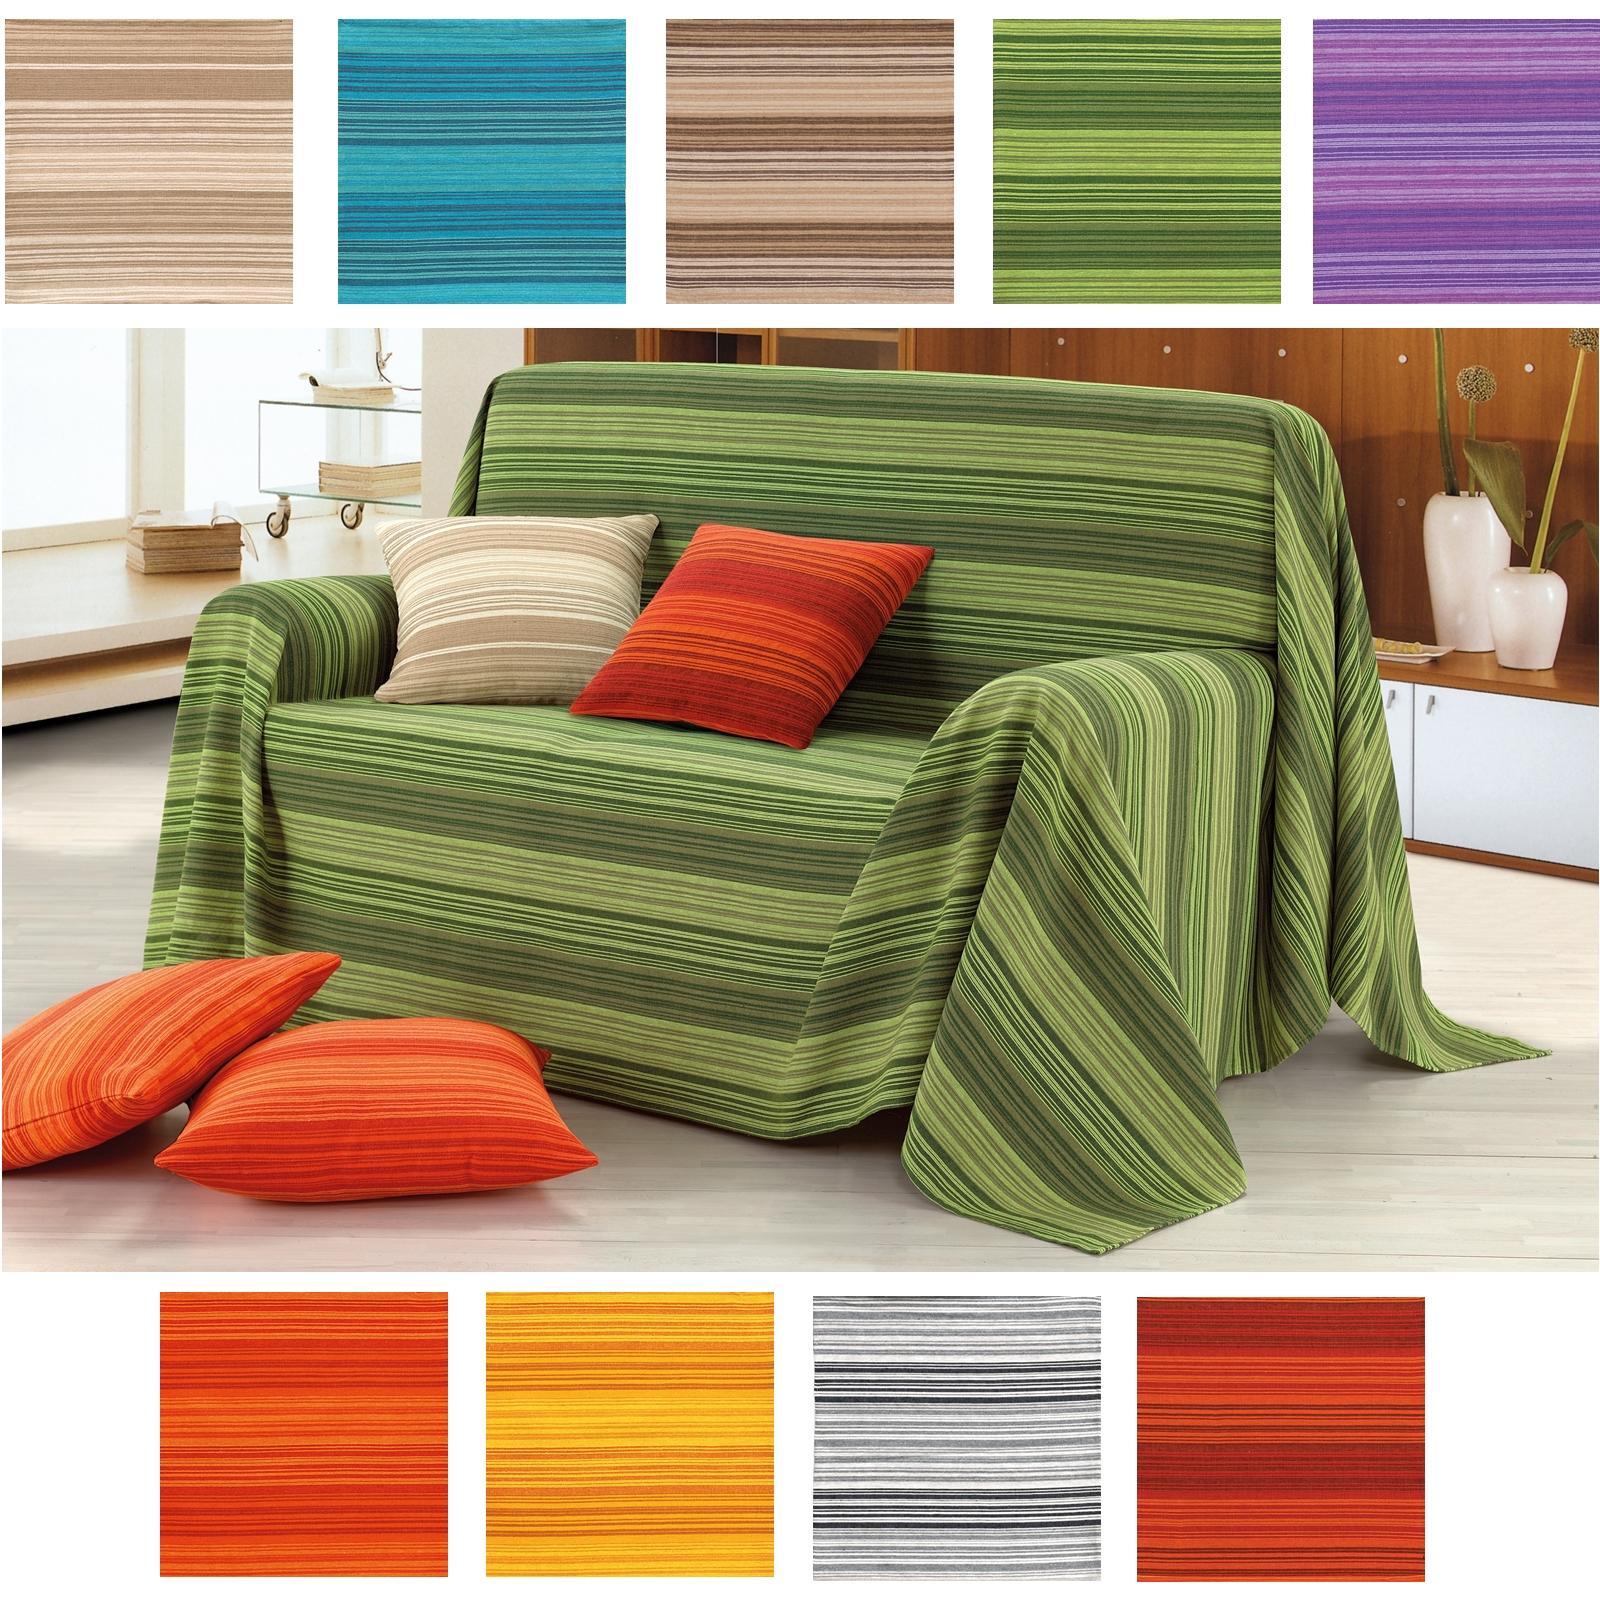 Ikea Divani E Copridivani : Telo copritutto multirighe cose di casa un mondo